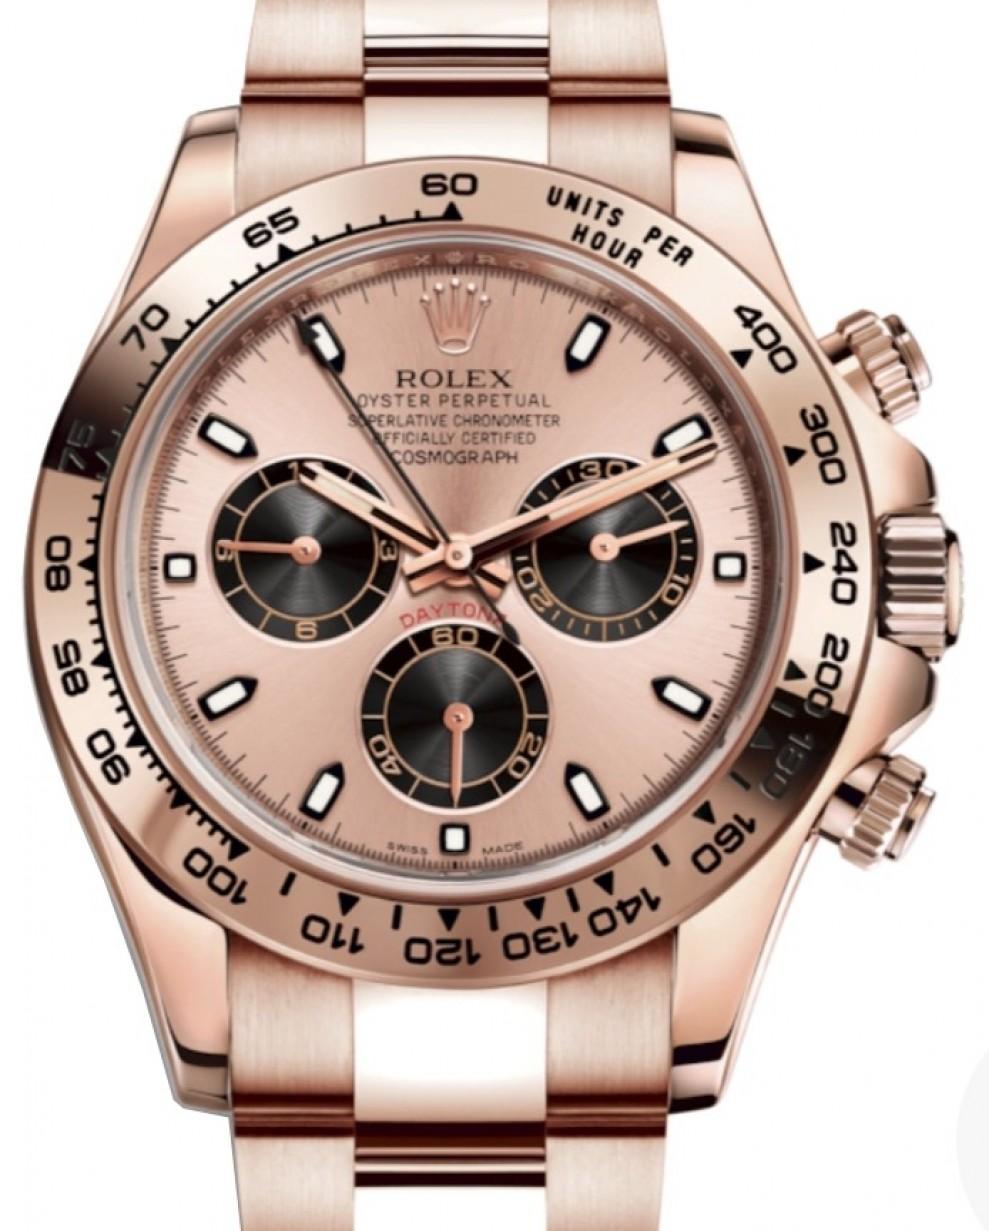 Rolex Daytona Rose Gold Pink \u0026 Black Index Dial Rose Gold Bezel Oyster  Bracelet 116505 , BRAND NEW